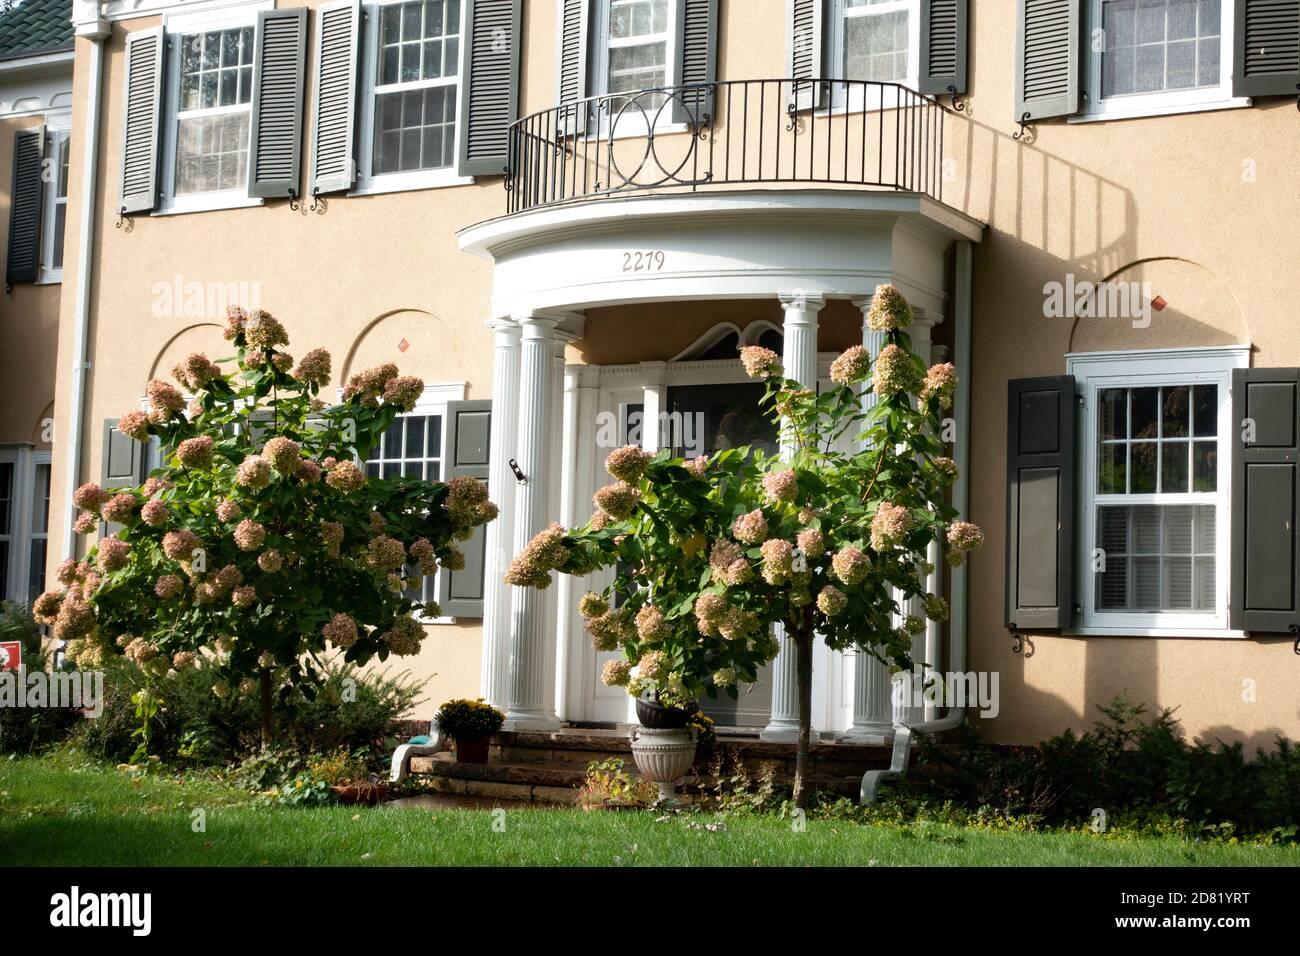 Entrada de la casa con arbustos de hortensias rosadas. St Paul Minnesota MN EE.UU Foto de stock